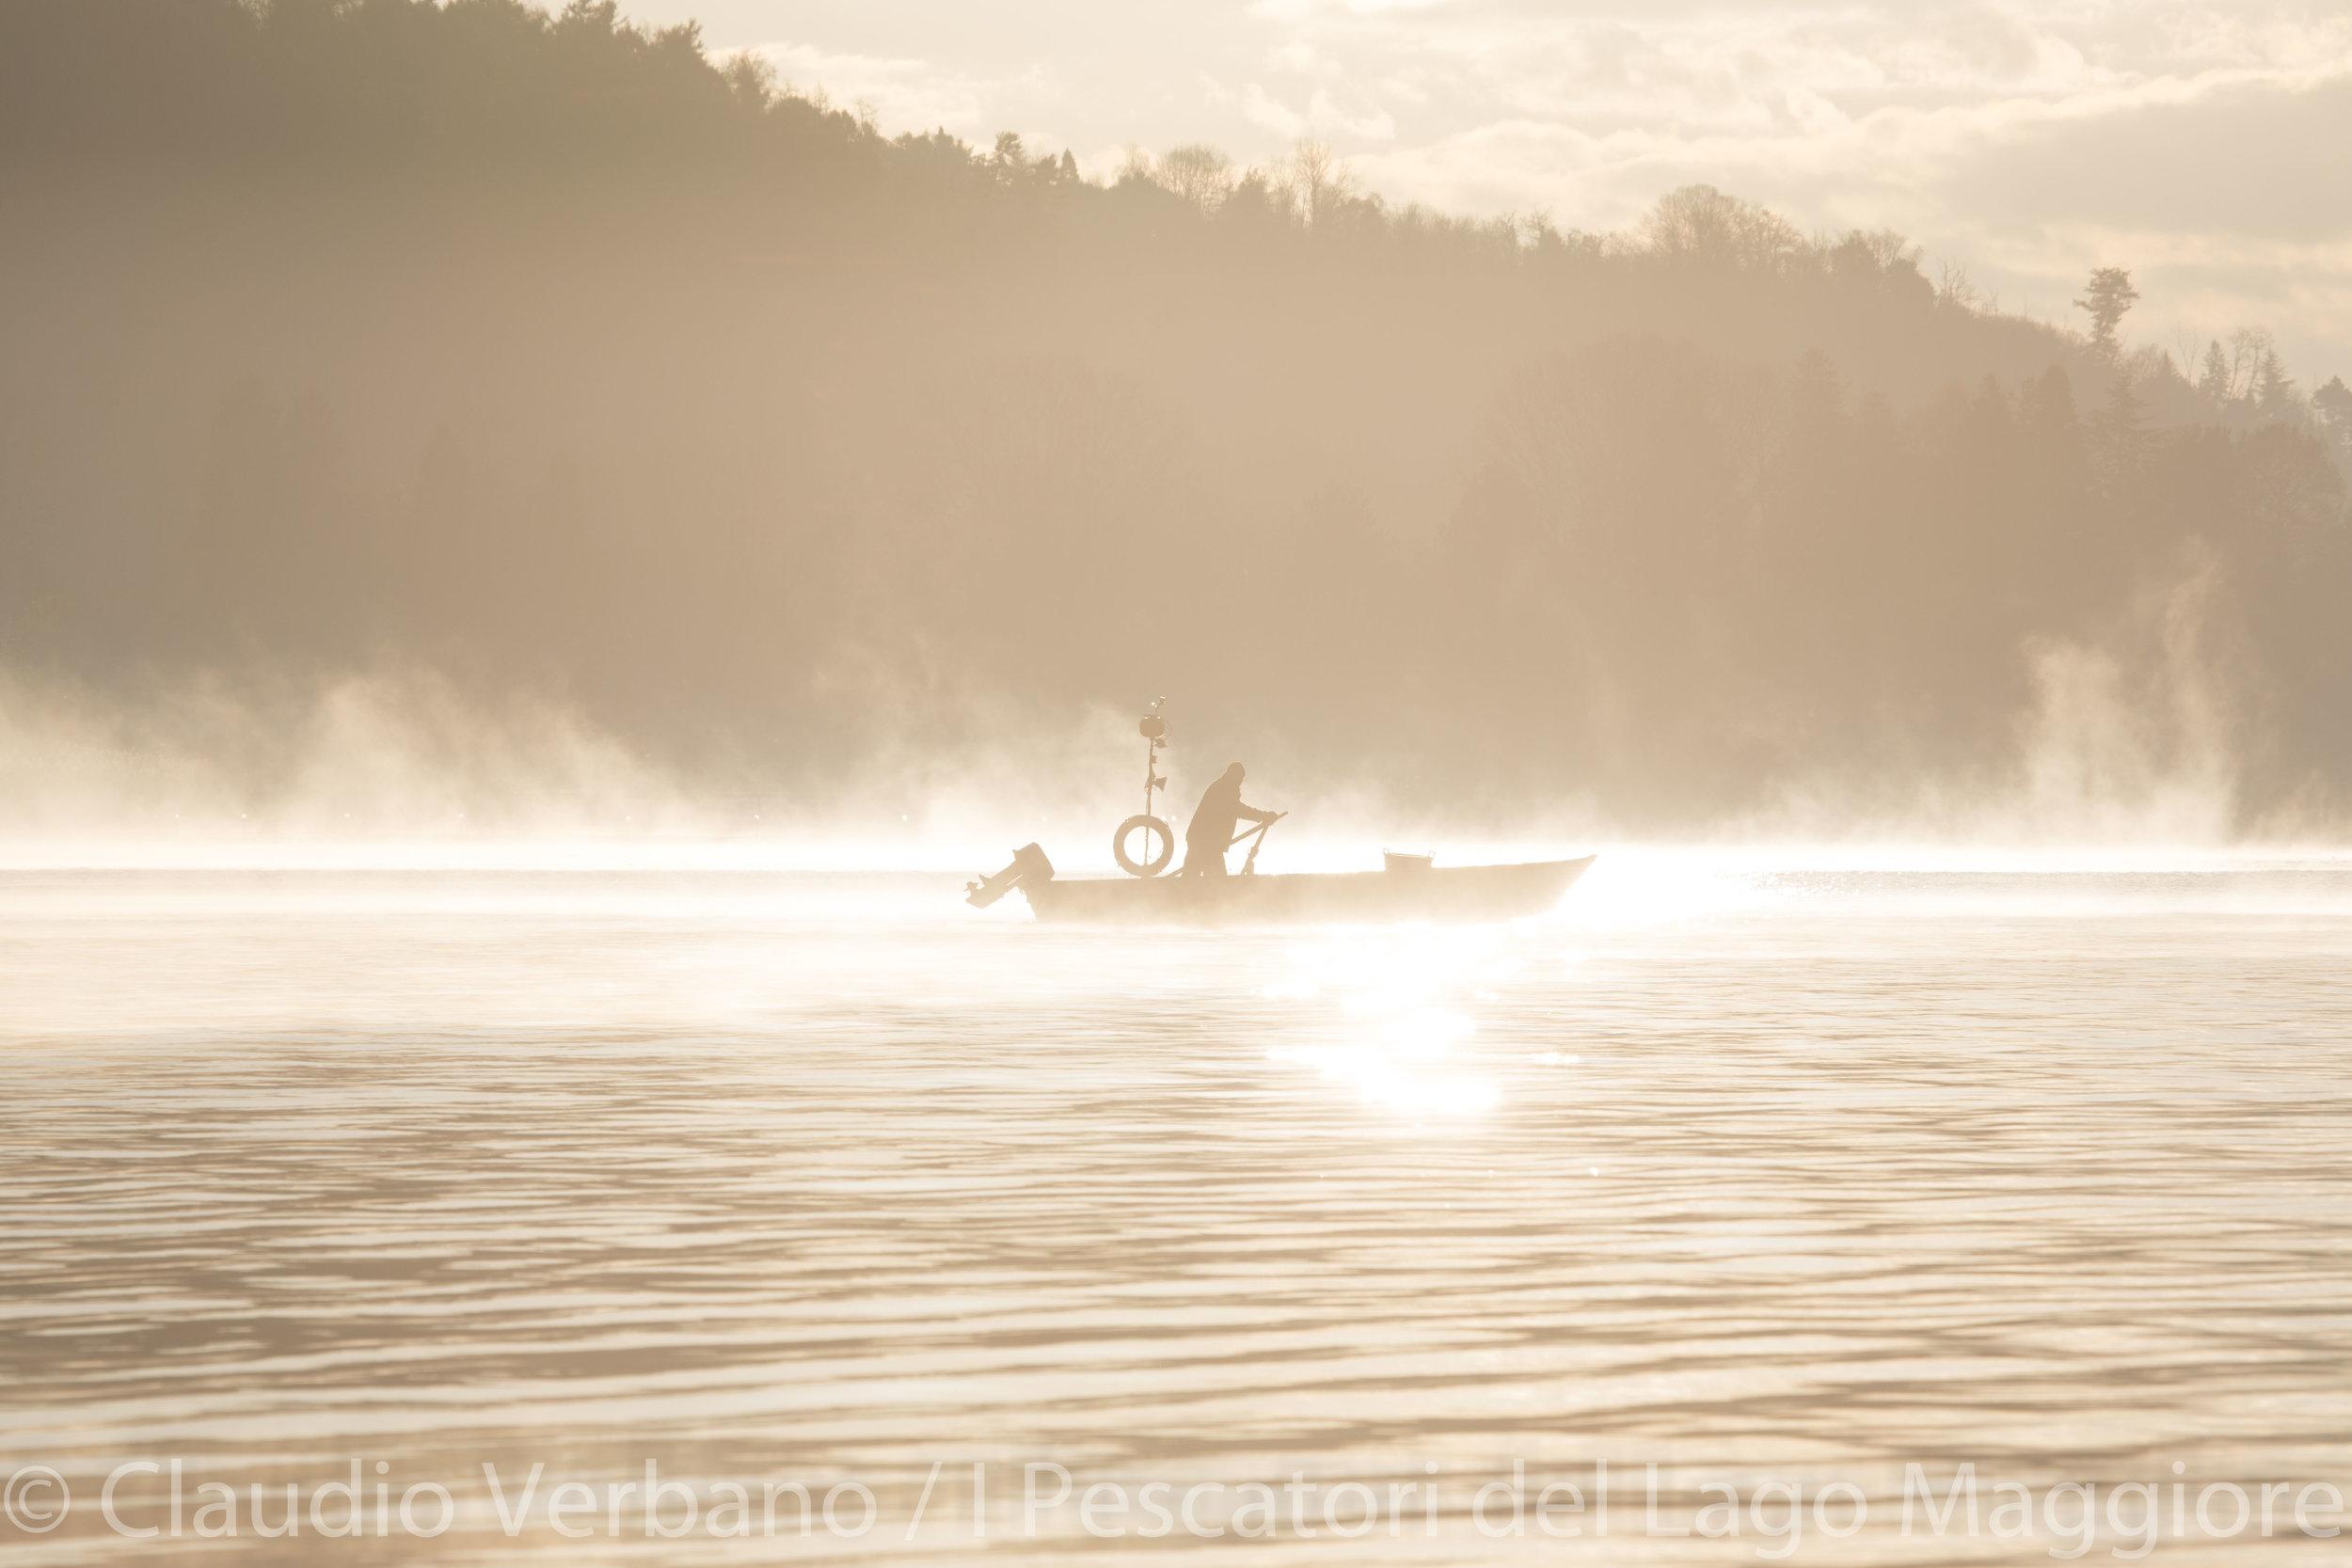 ClaudioVerbano_I Pescatori del Lago Maggiore_07.jpg